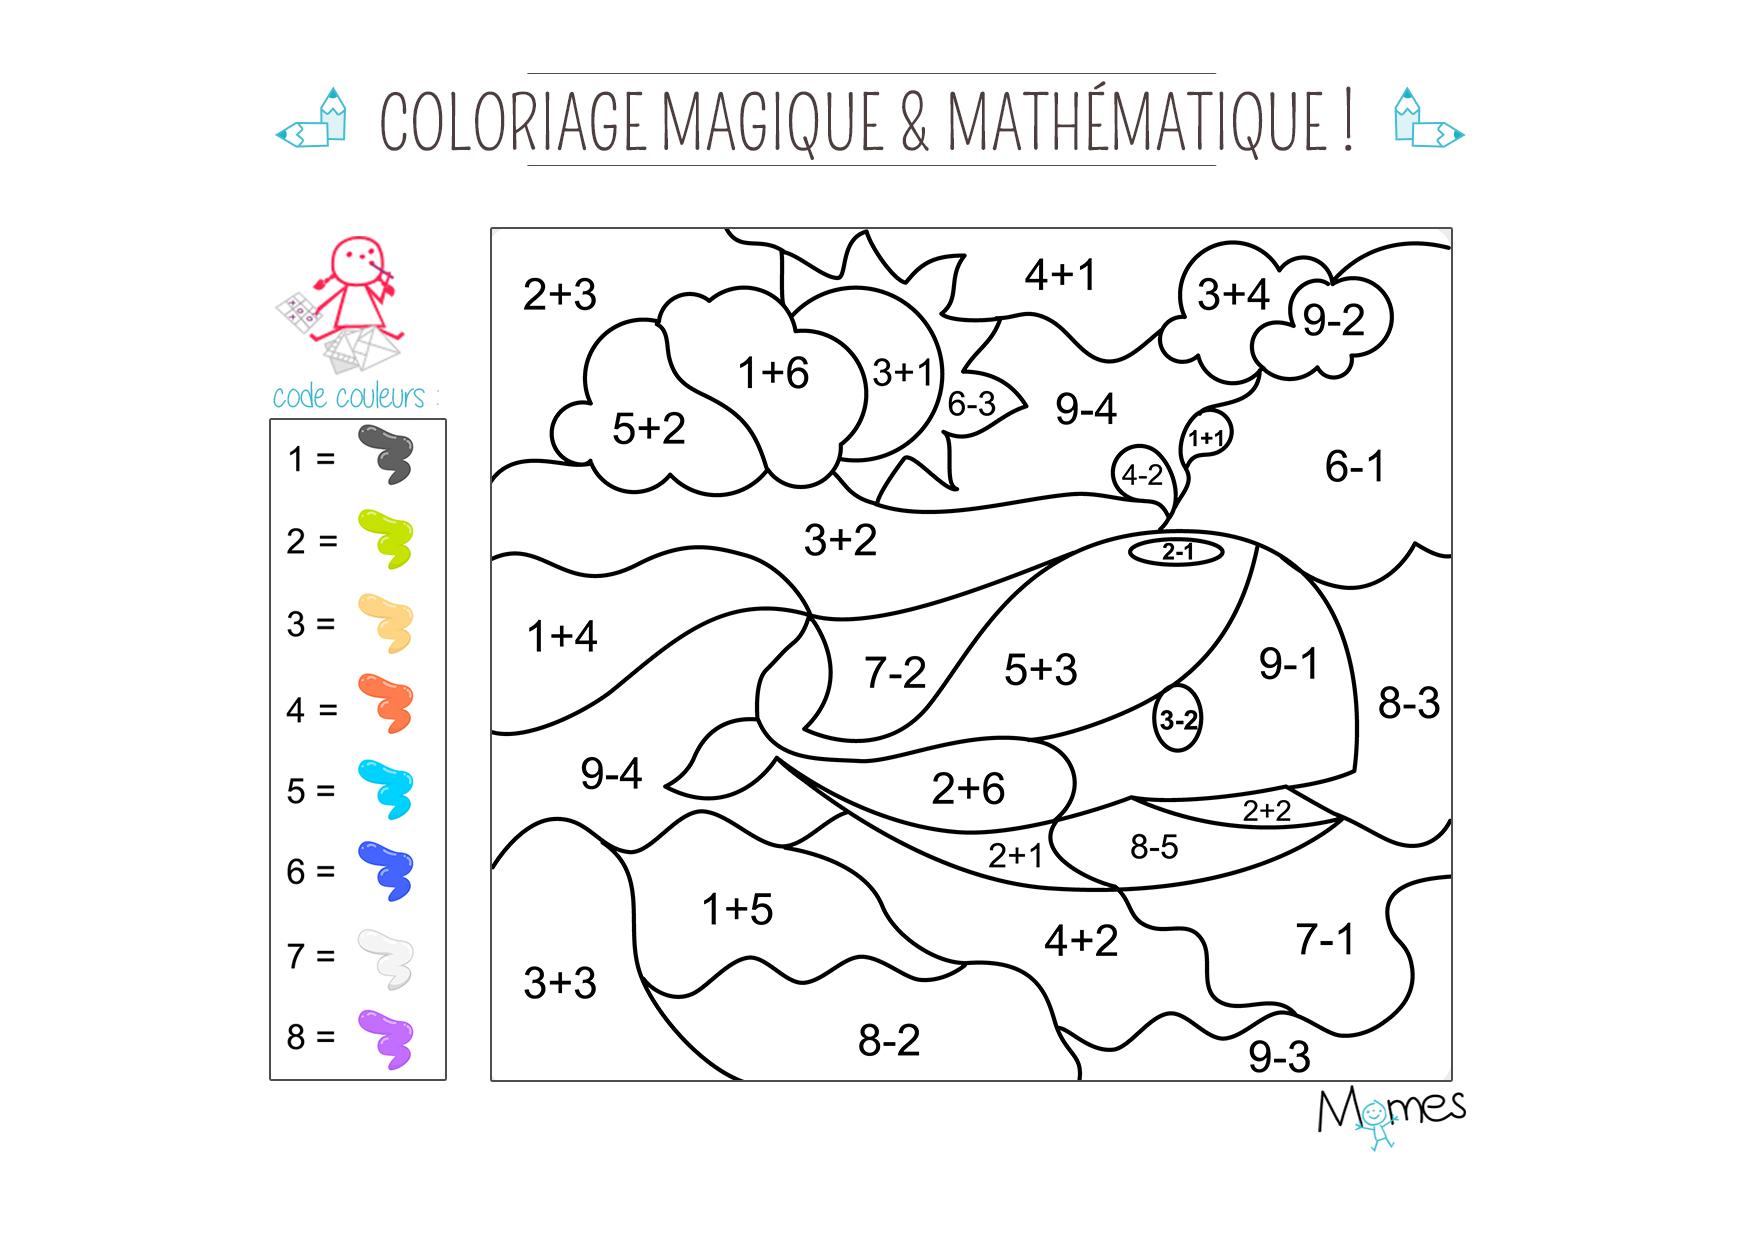 Coloriage Magique Et Mathématique : La Baleine - Momes dedans Coloriage Magique 4 Ans